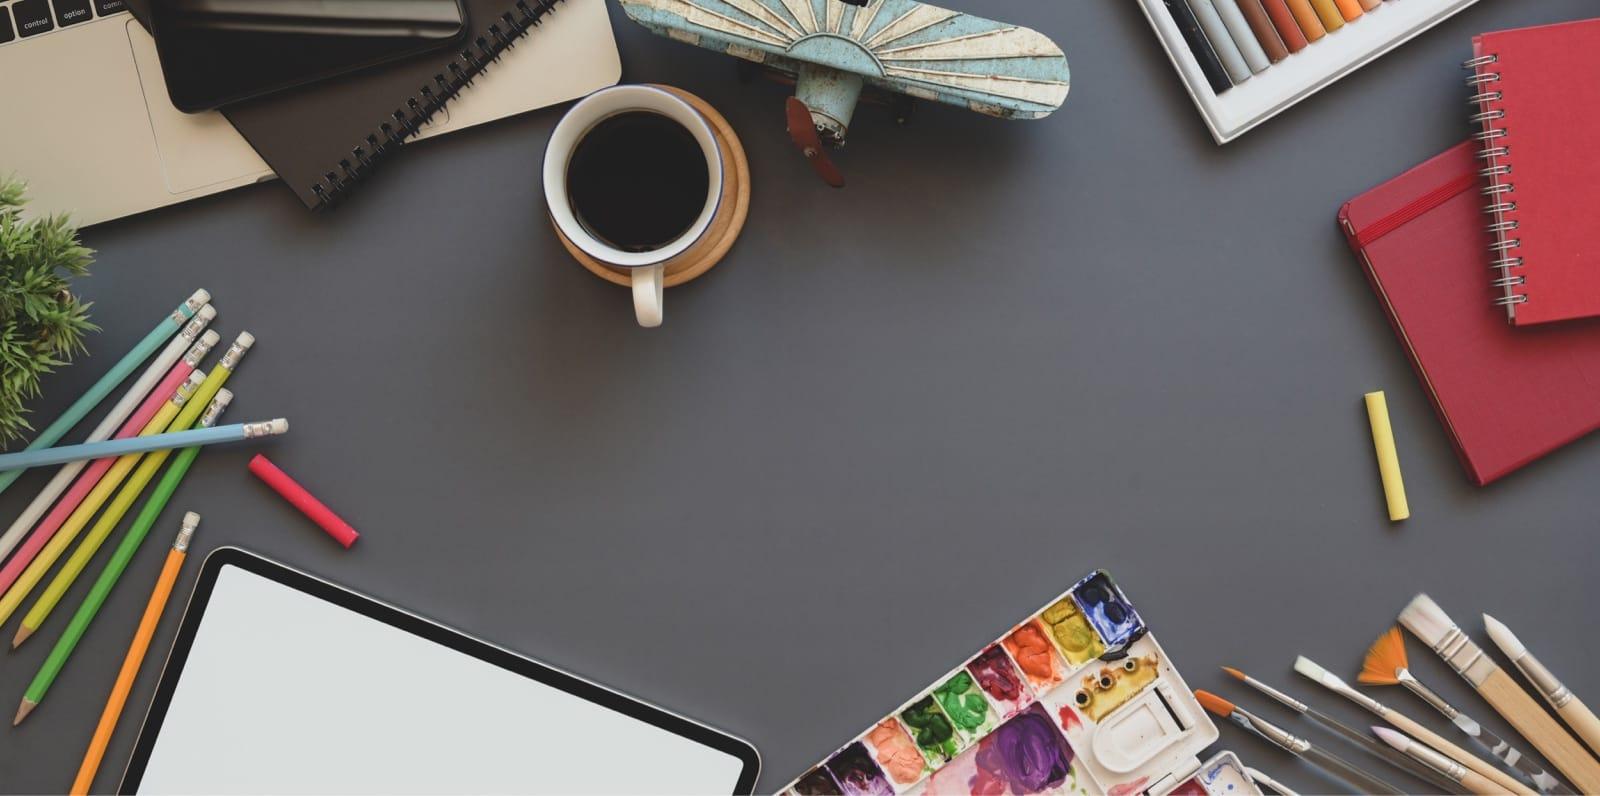 色鉛筆や絵の具のパレット